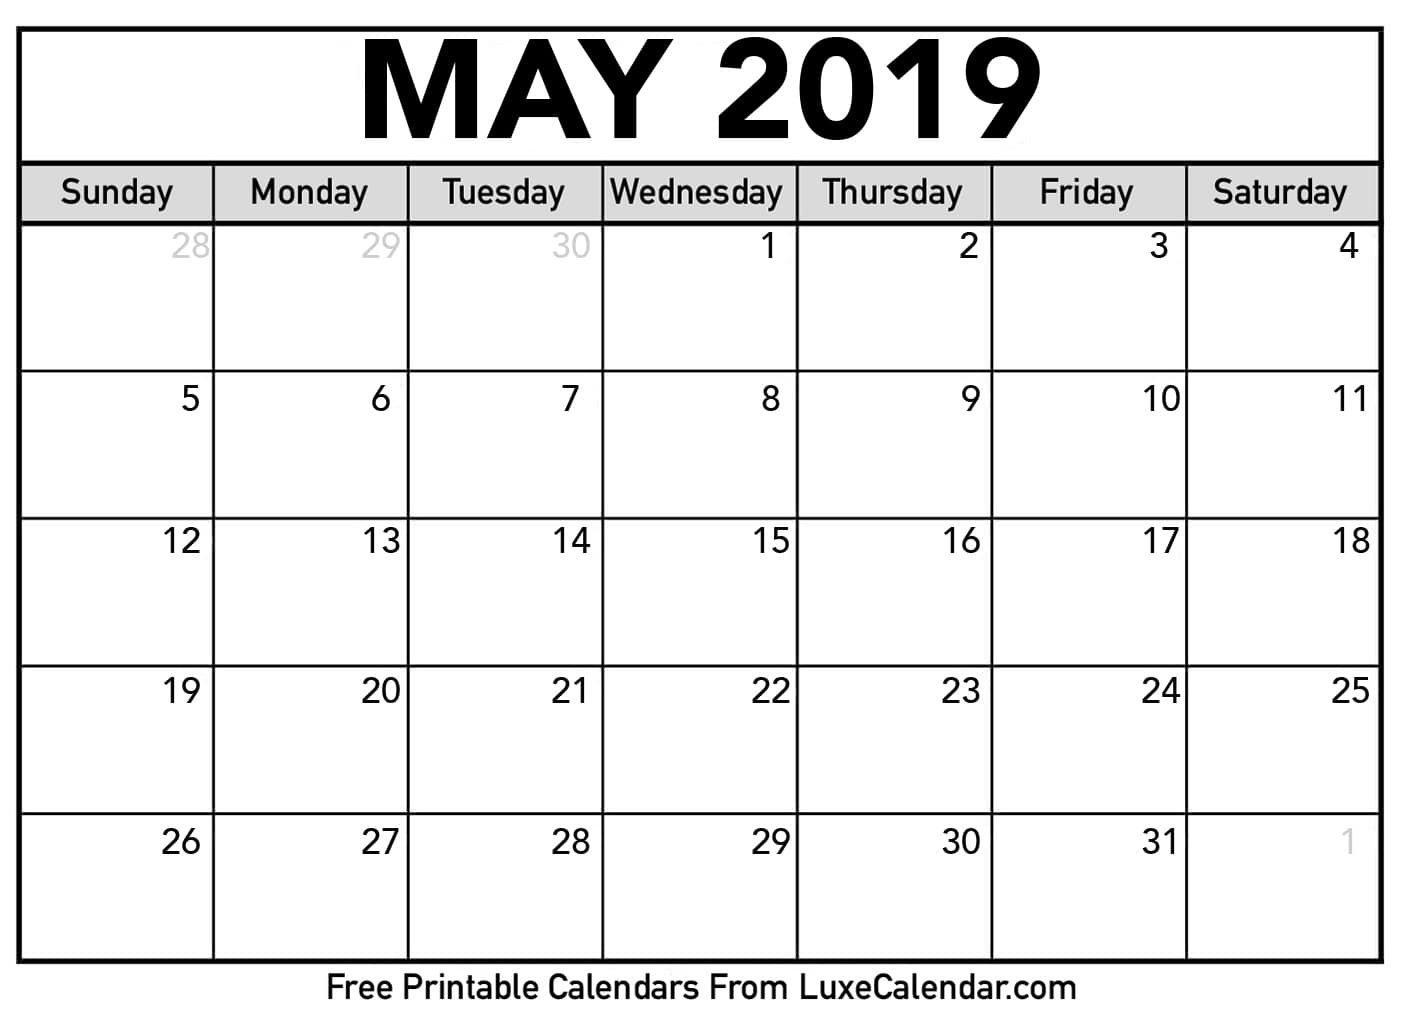 Blank May 2019 Printable Calendar - Luxe Calendar Calendar May 4 2019